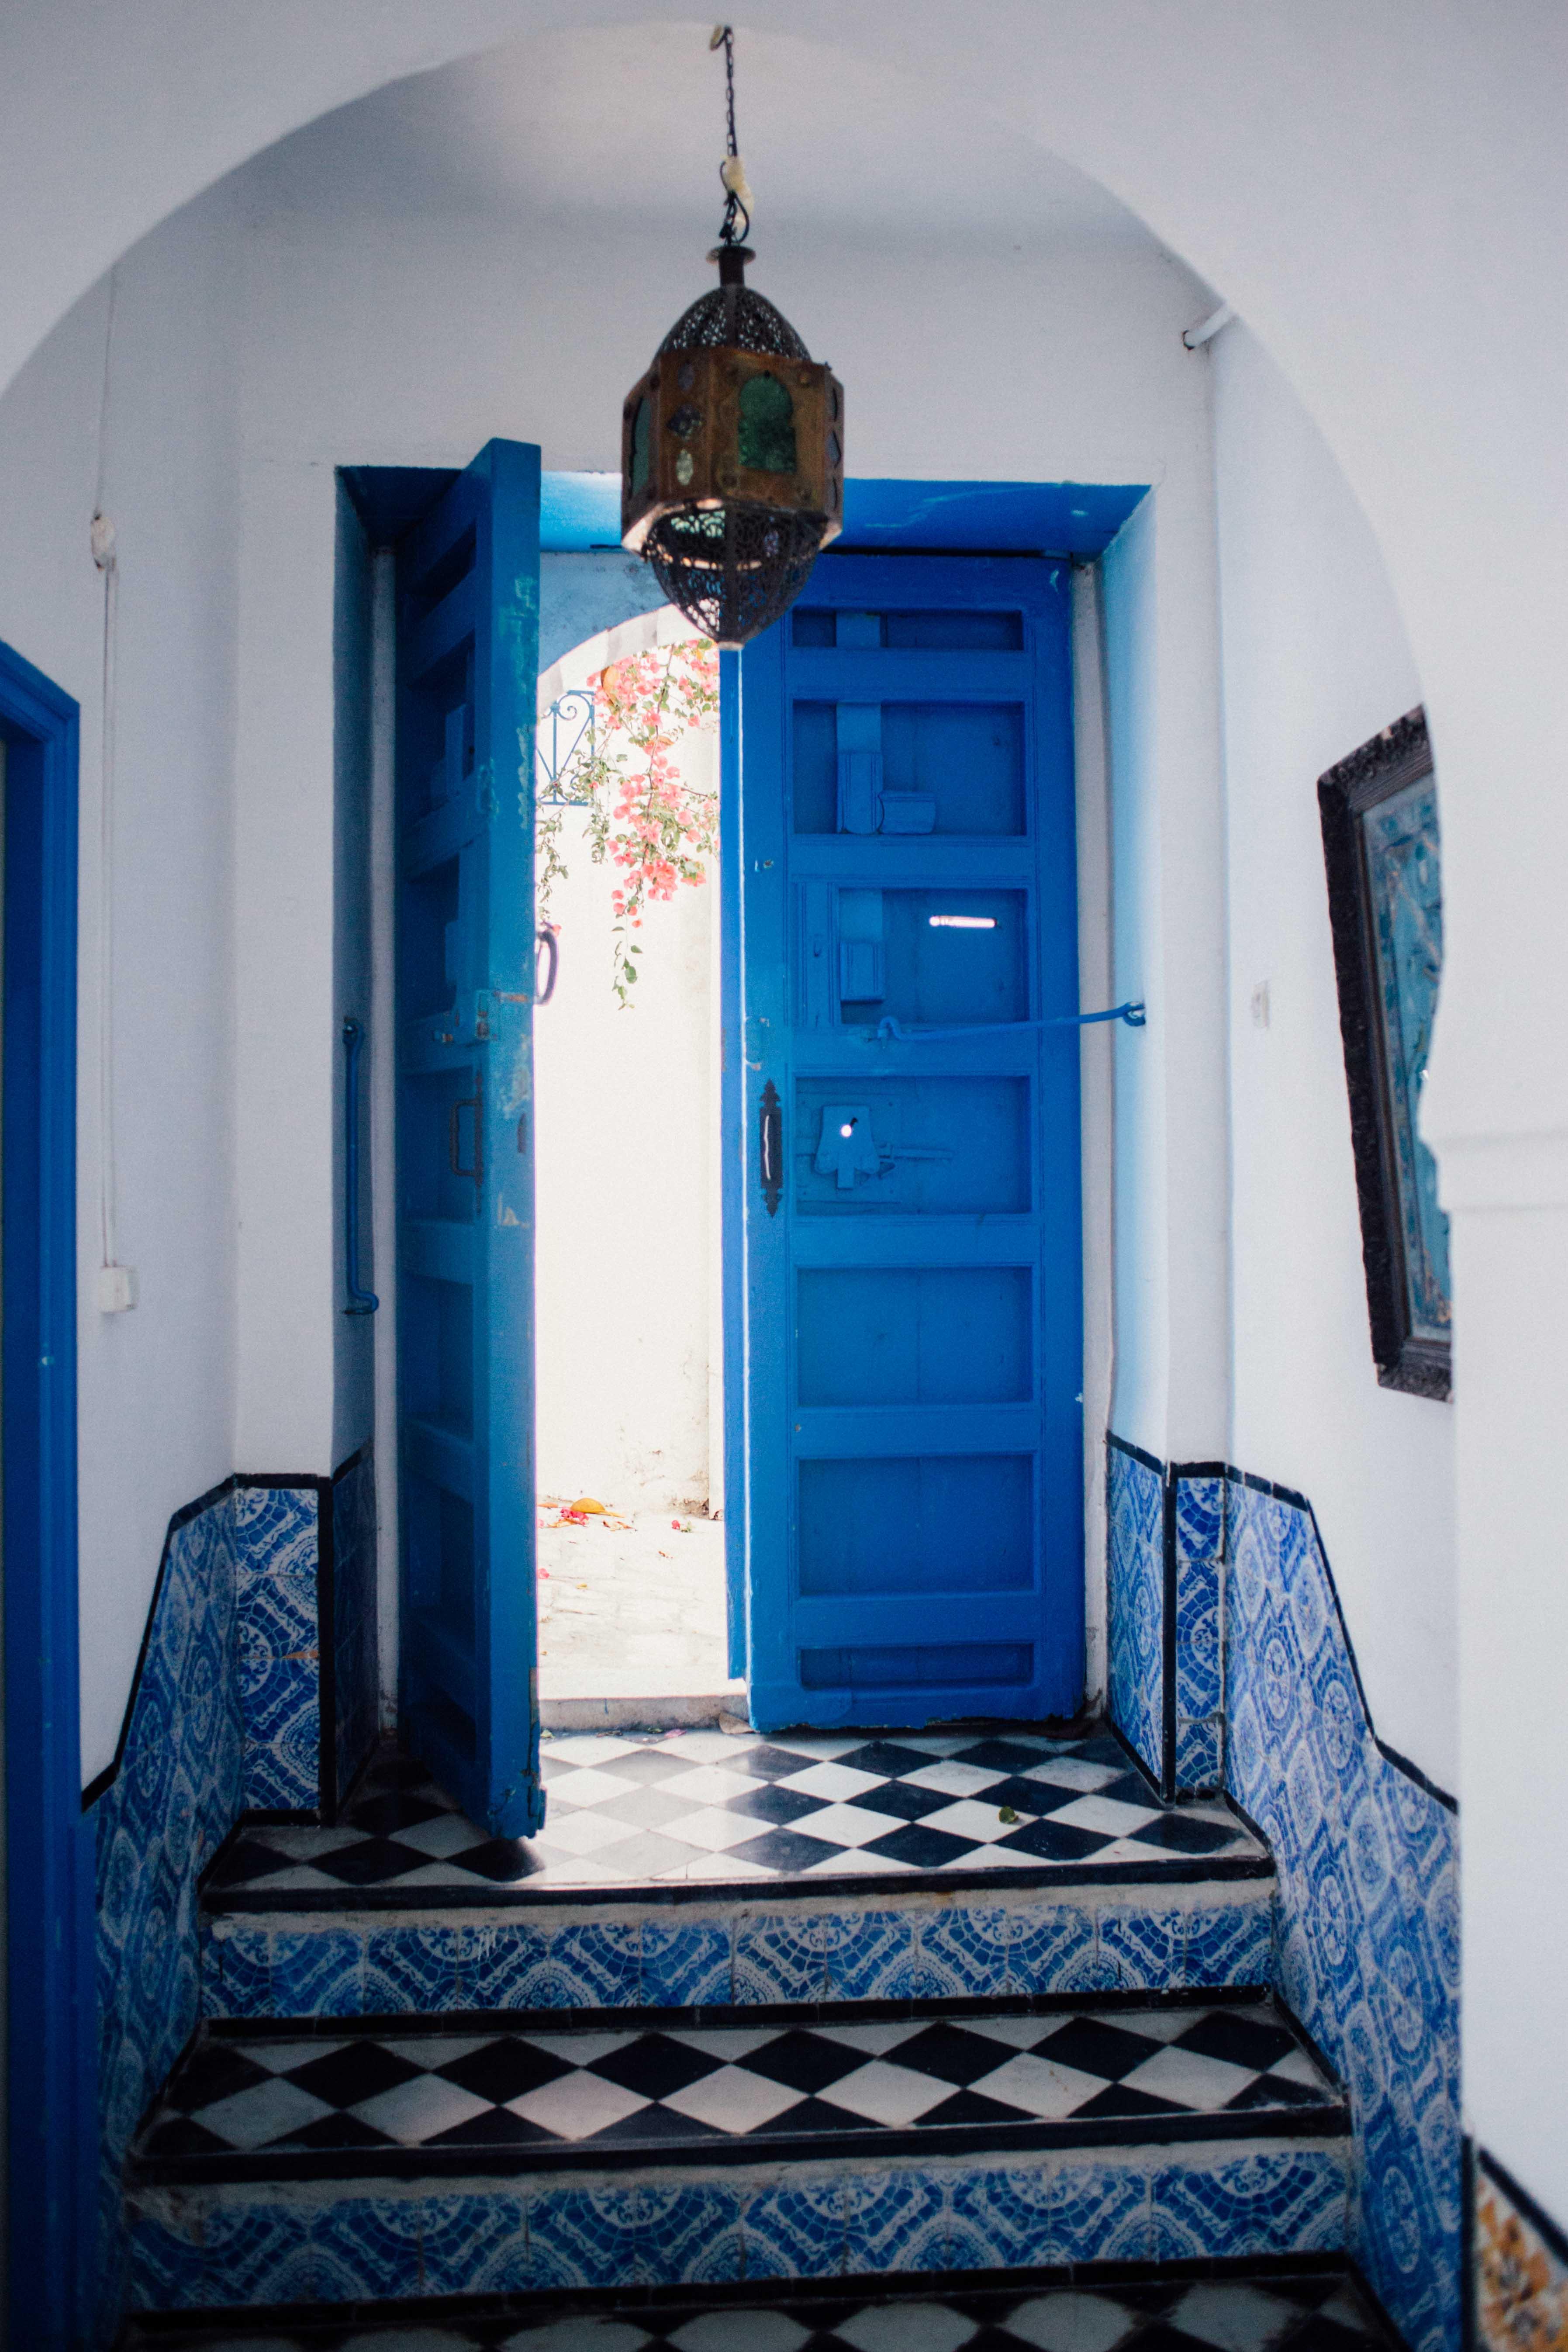 lucie_sassiat-engagement-tunisie-sidi_bou_said-leblogdemadamec.fr-2